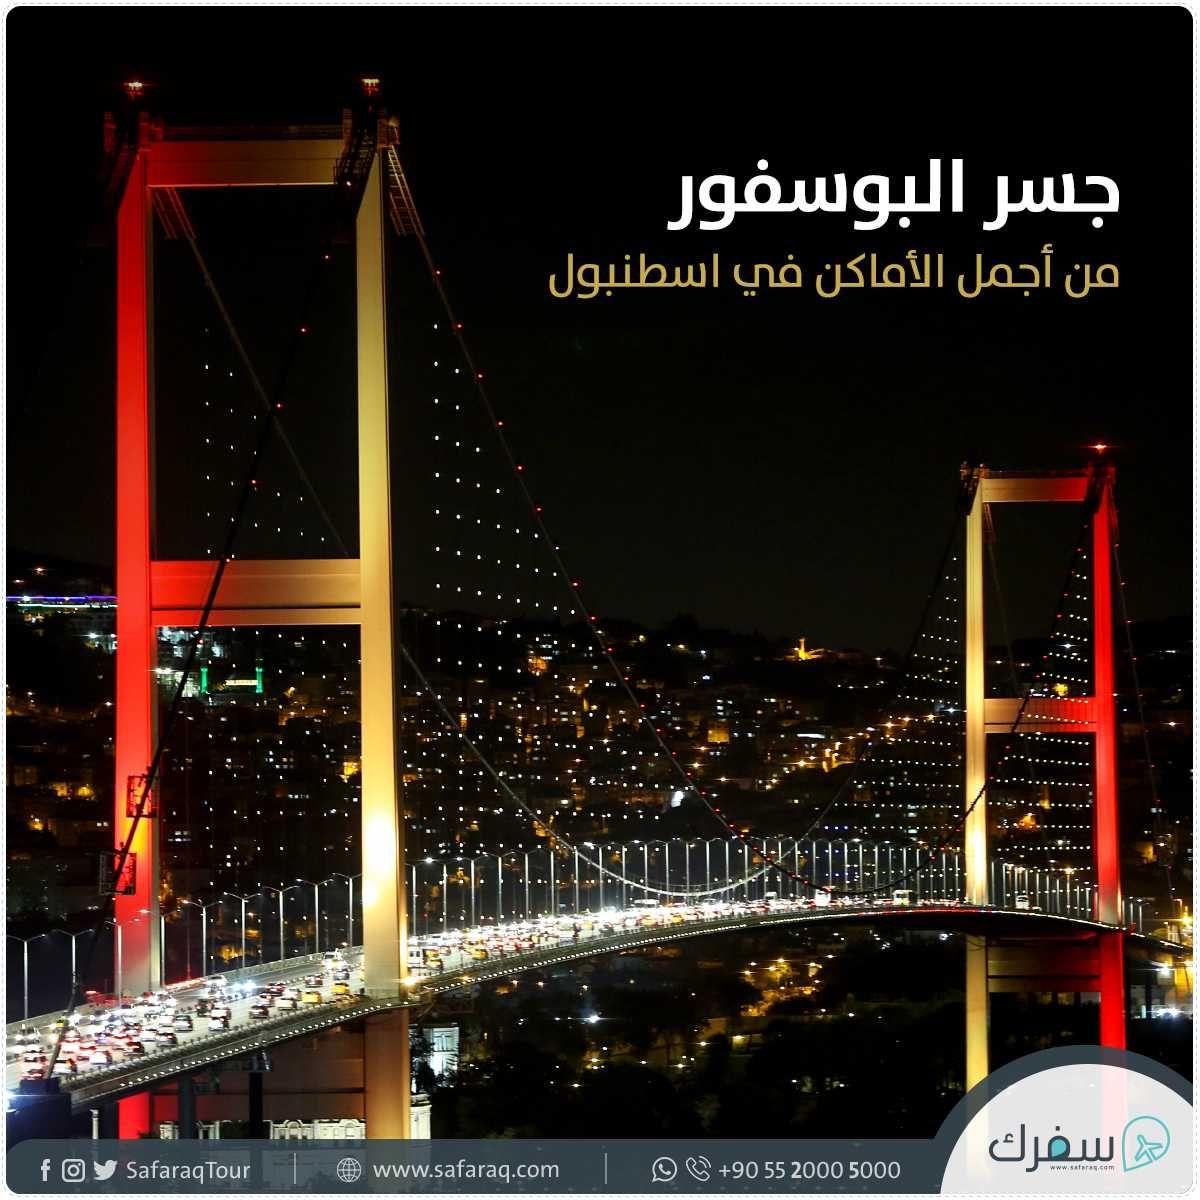 جسر البوسفور من أجمل الأماكن في إسطنبول حيث يقع فوق مضيق البوسفور الذي يصل البحر الأسود من الشمال ببحر مرمرة من الجنوب Golden Gate Golden Gate Bridge Istanbul